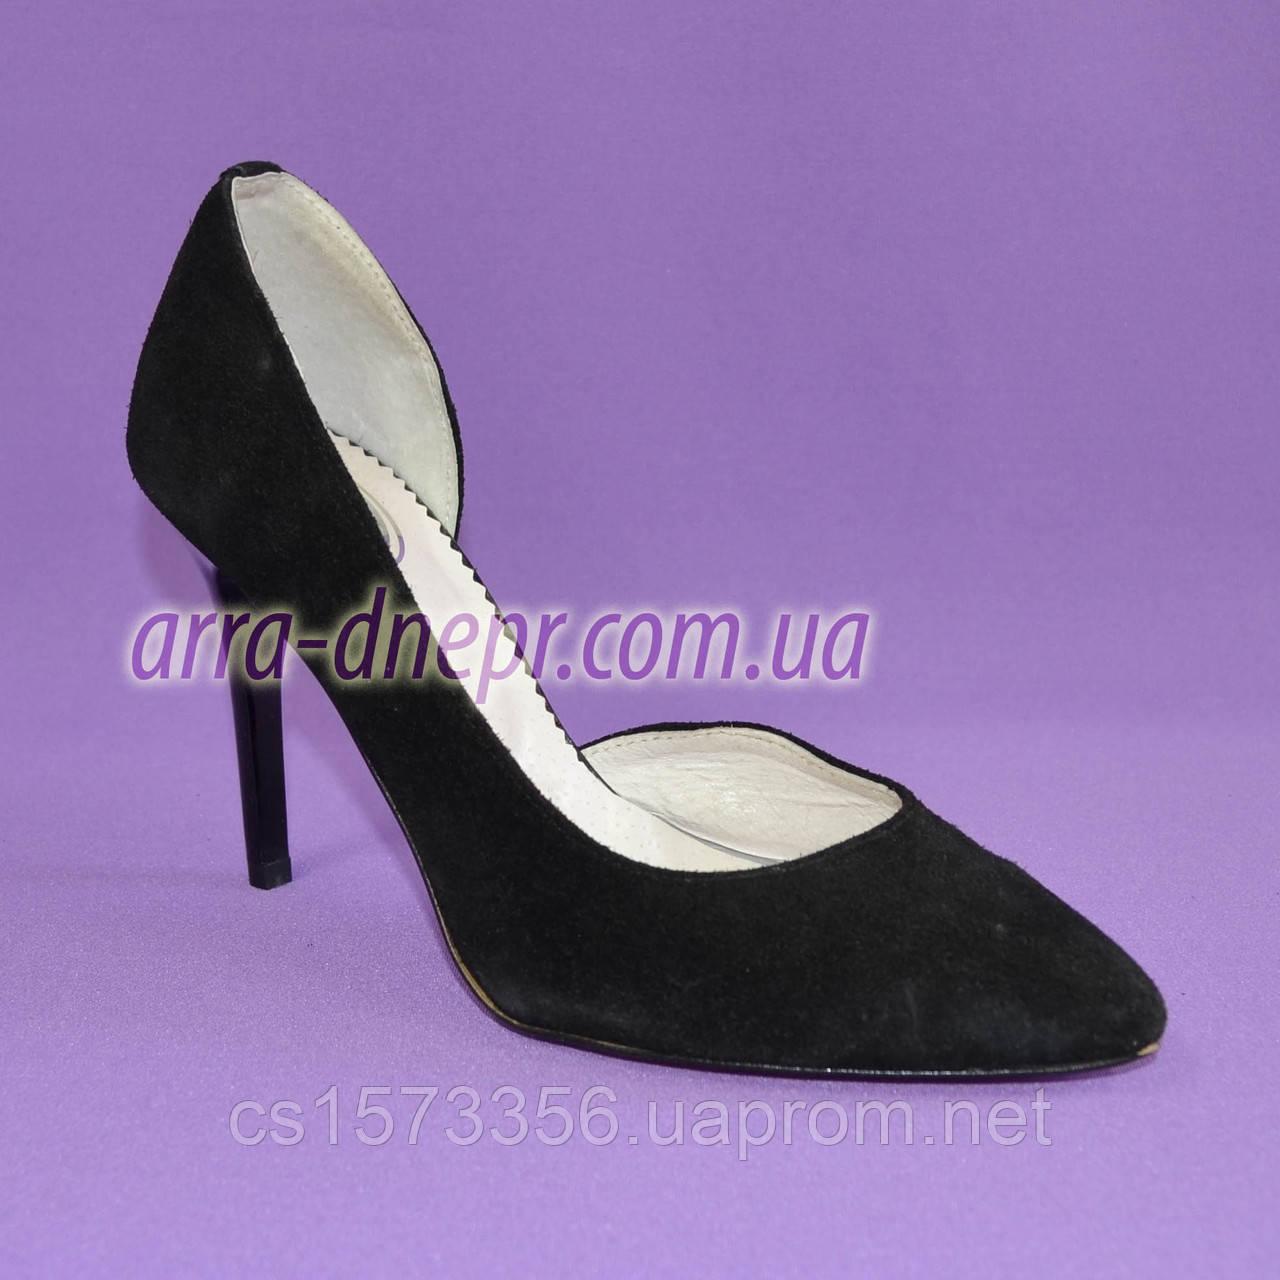 Туфли женские на шпильке, черный замш